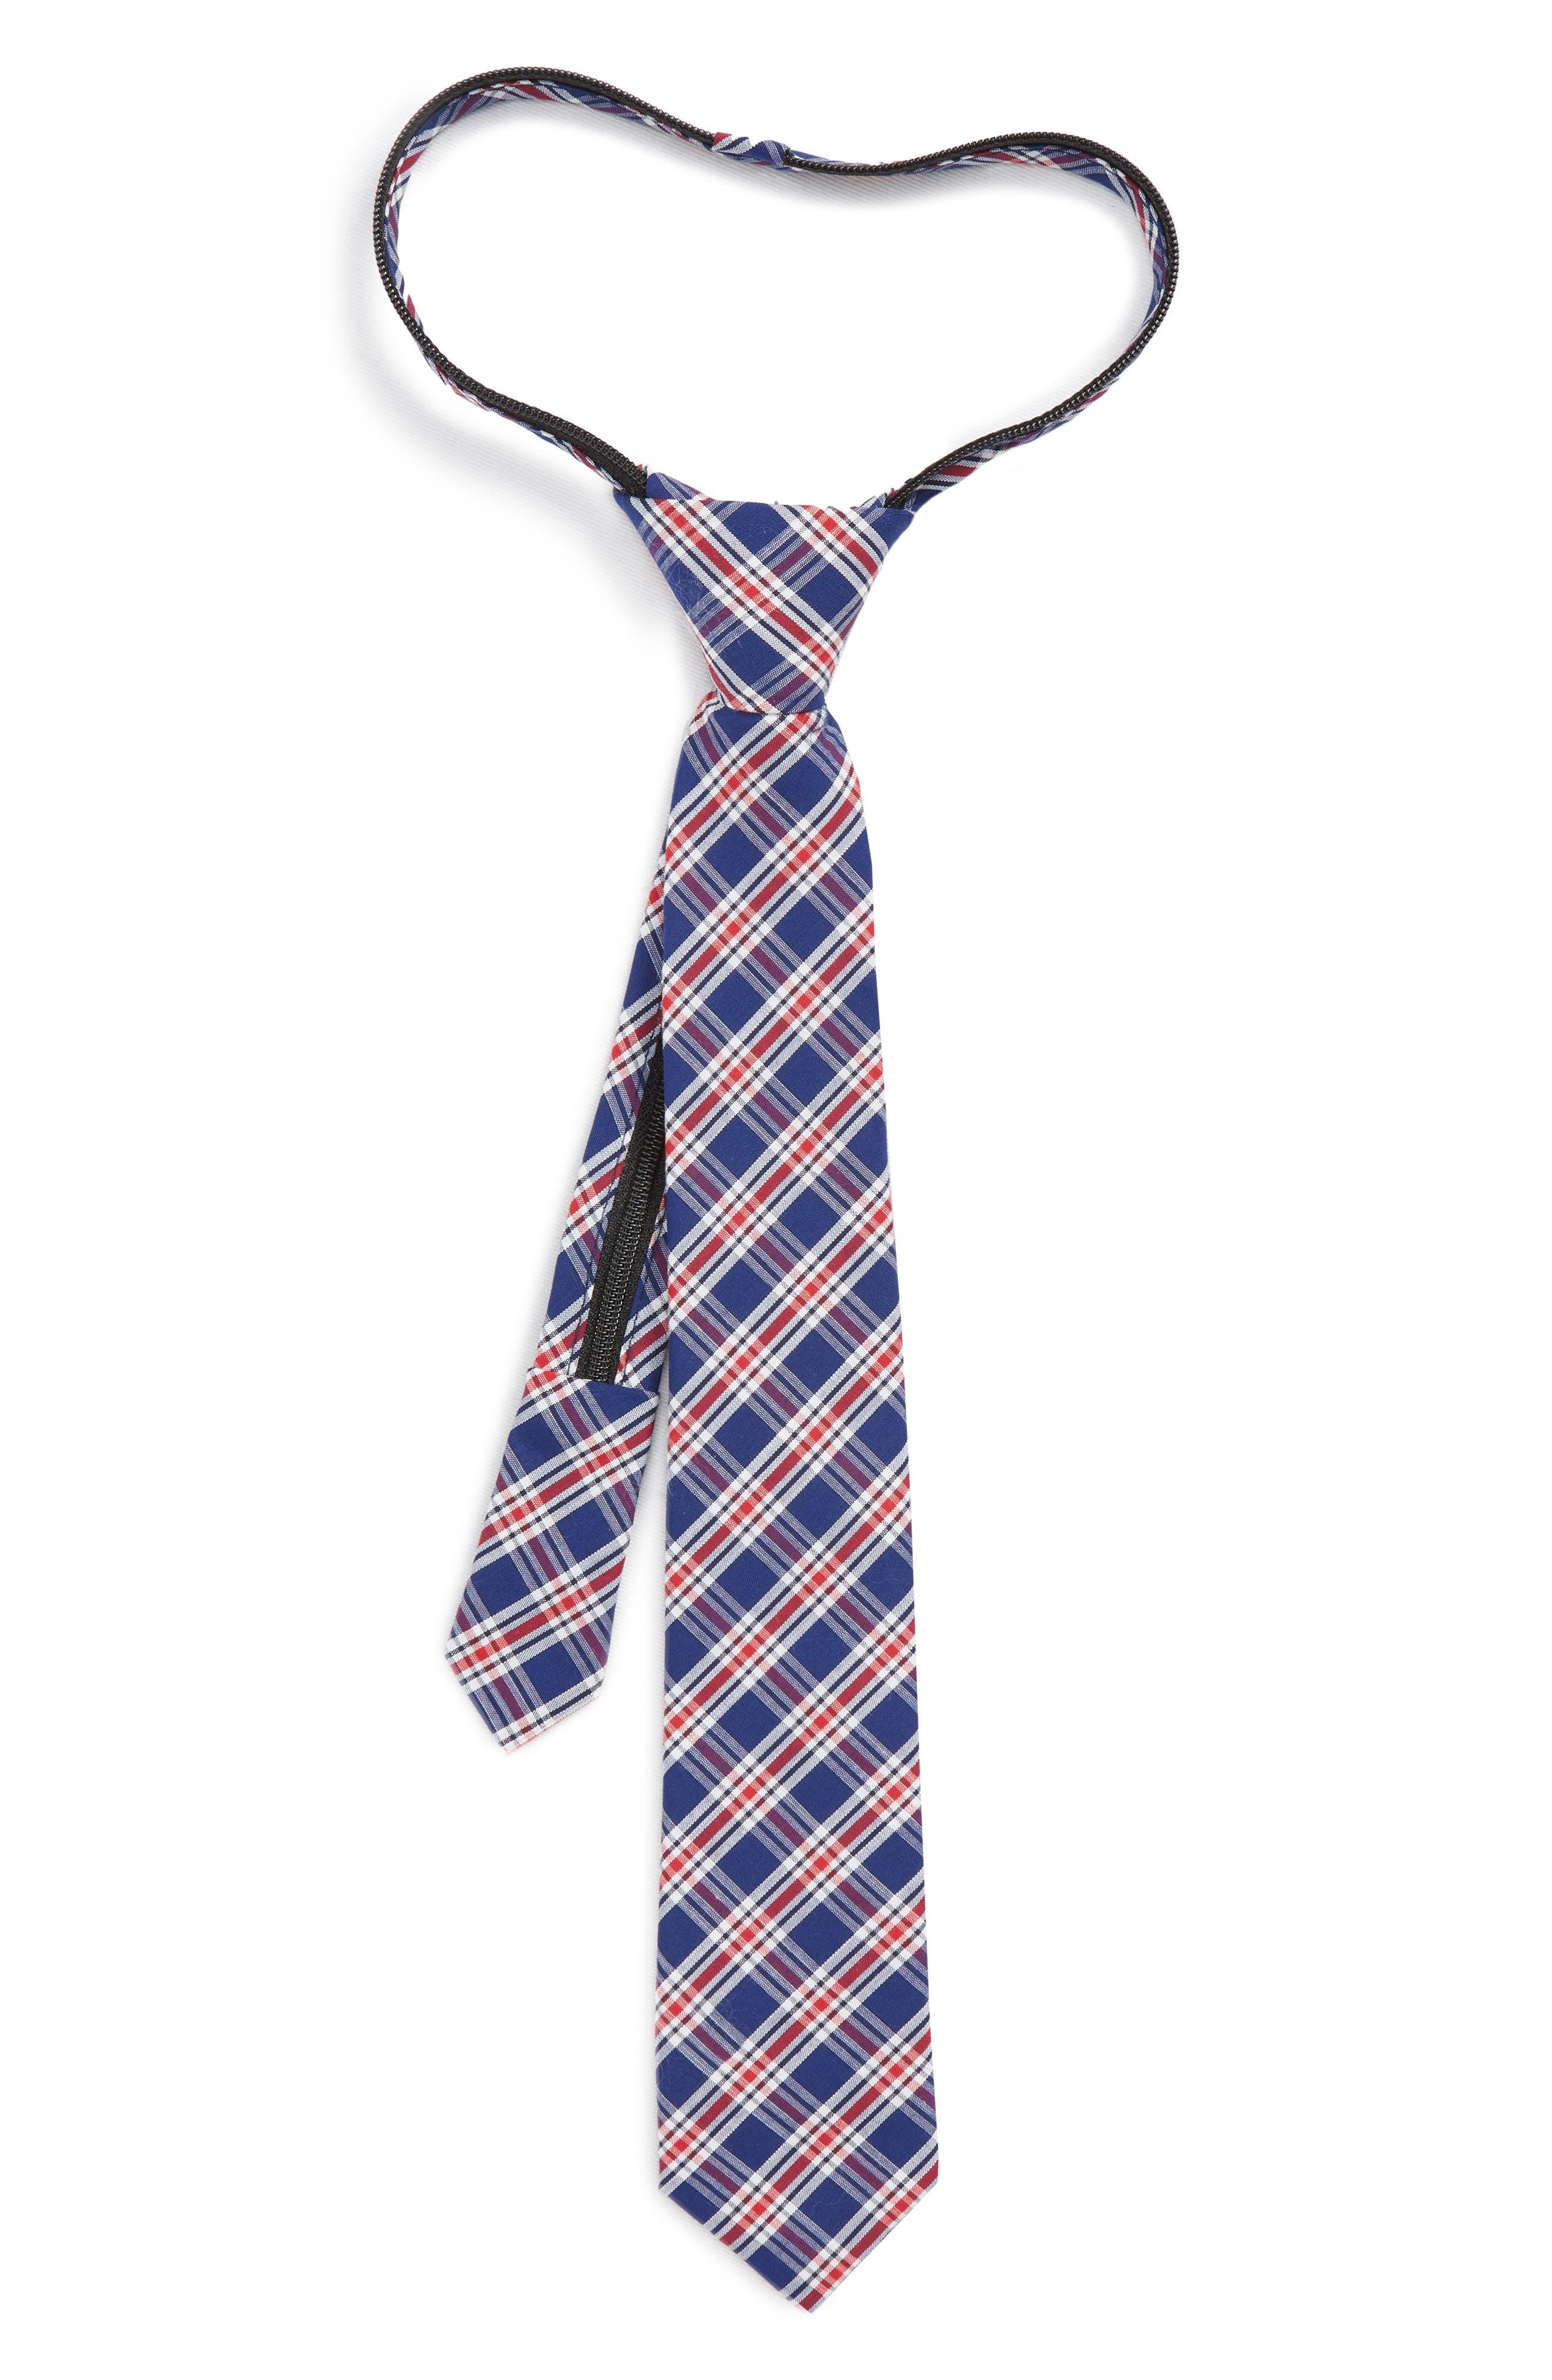 Plaid Cotton Zip Tie,                             Main thumbnail 1, color,                             600